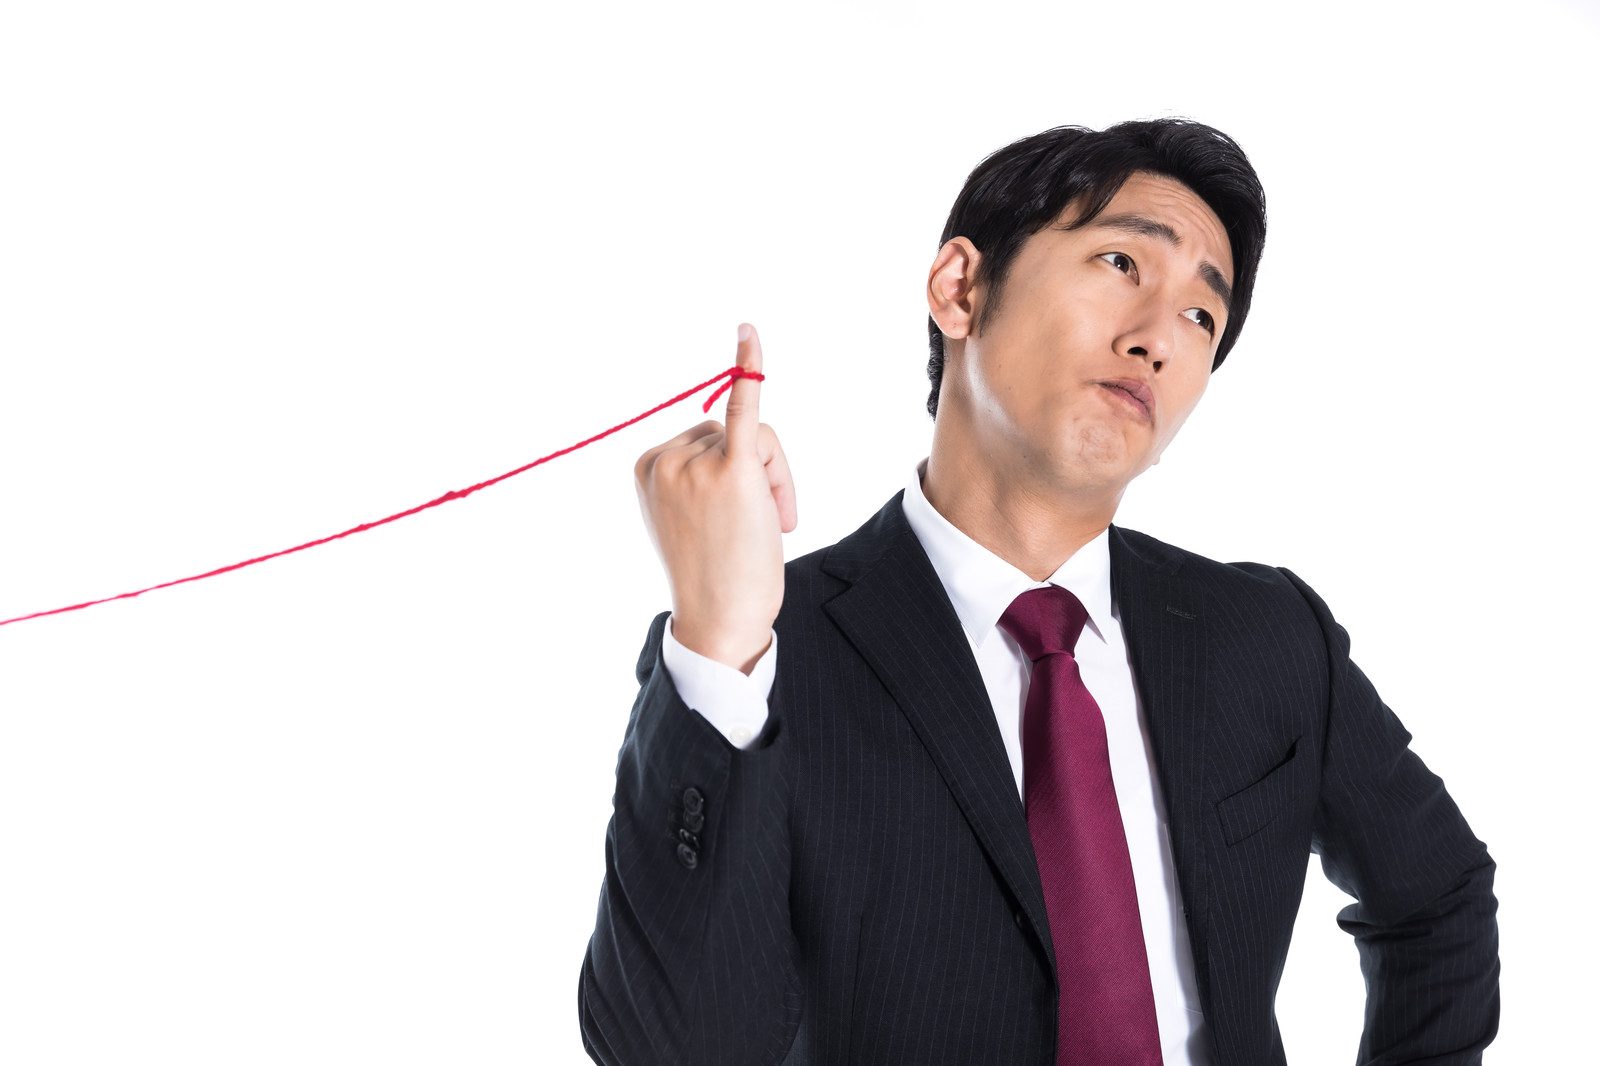 「片想いの赤い糸に気付かない会社員」の写真[モデル:大川竜弥]